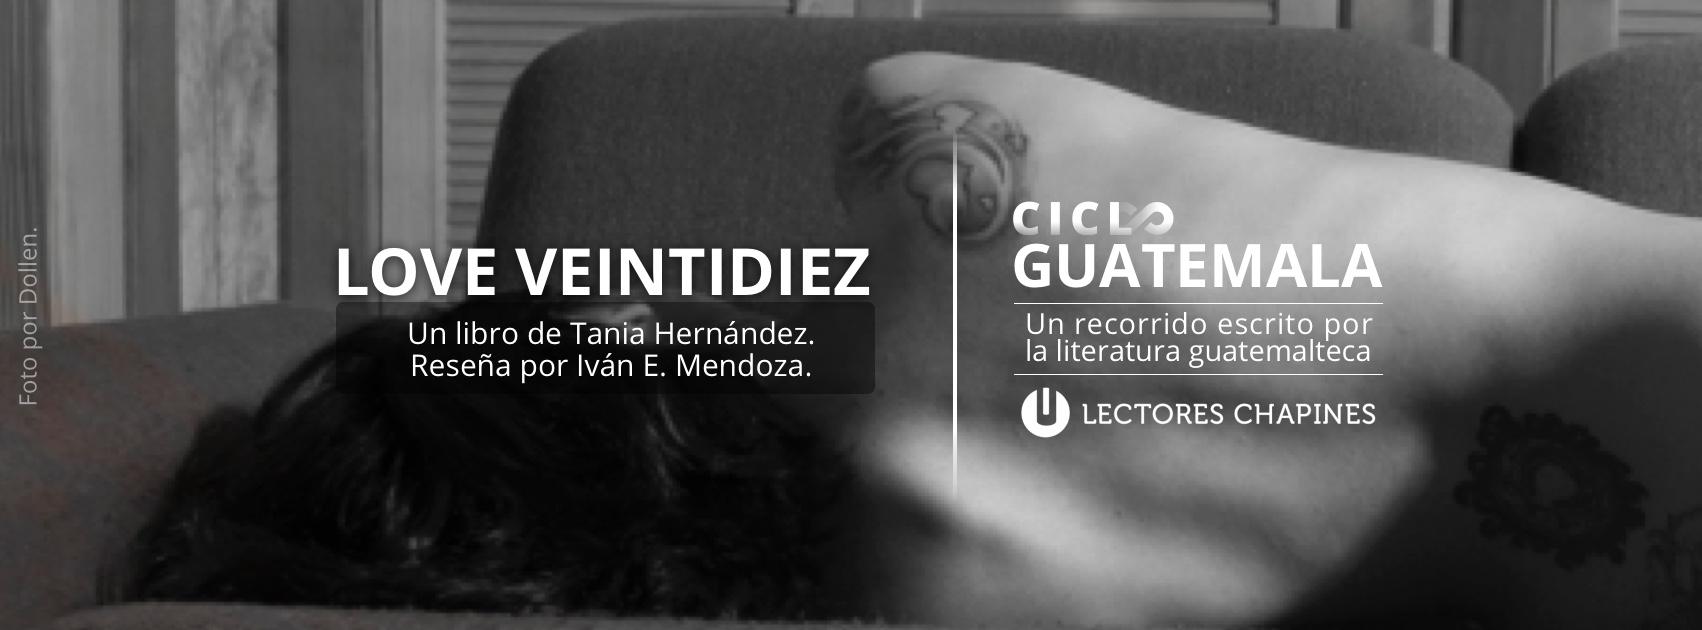 Love Veintidiez de Tania Hernadez